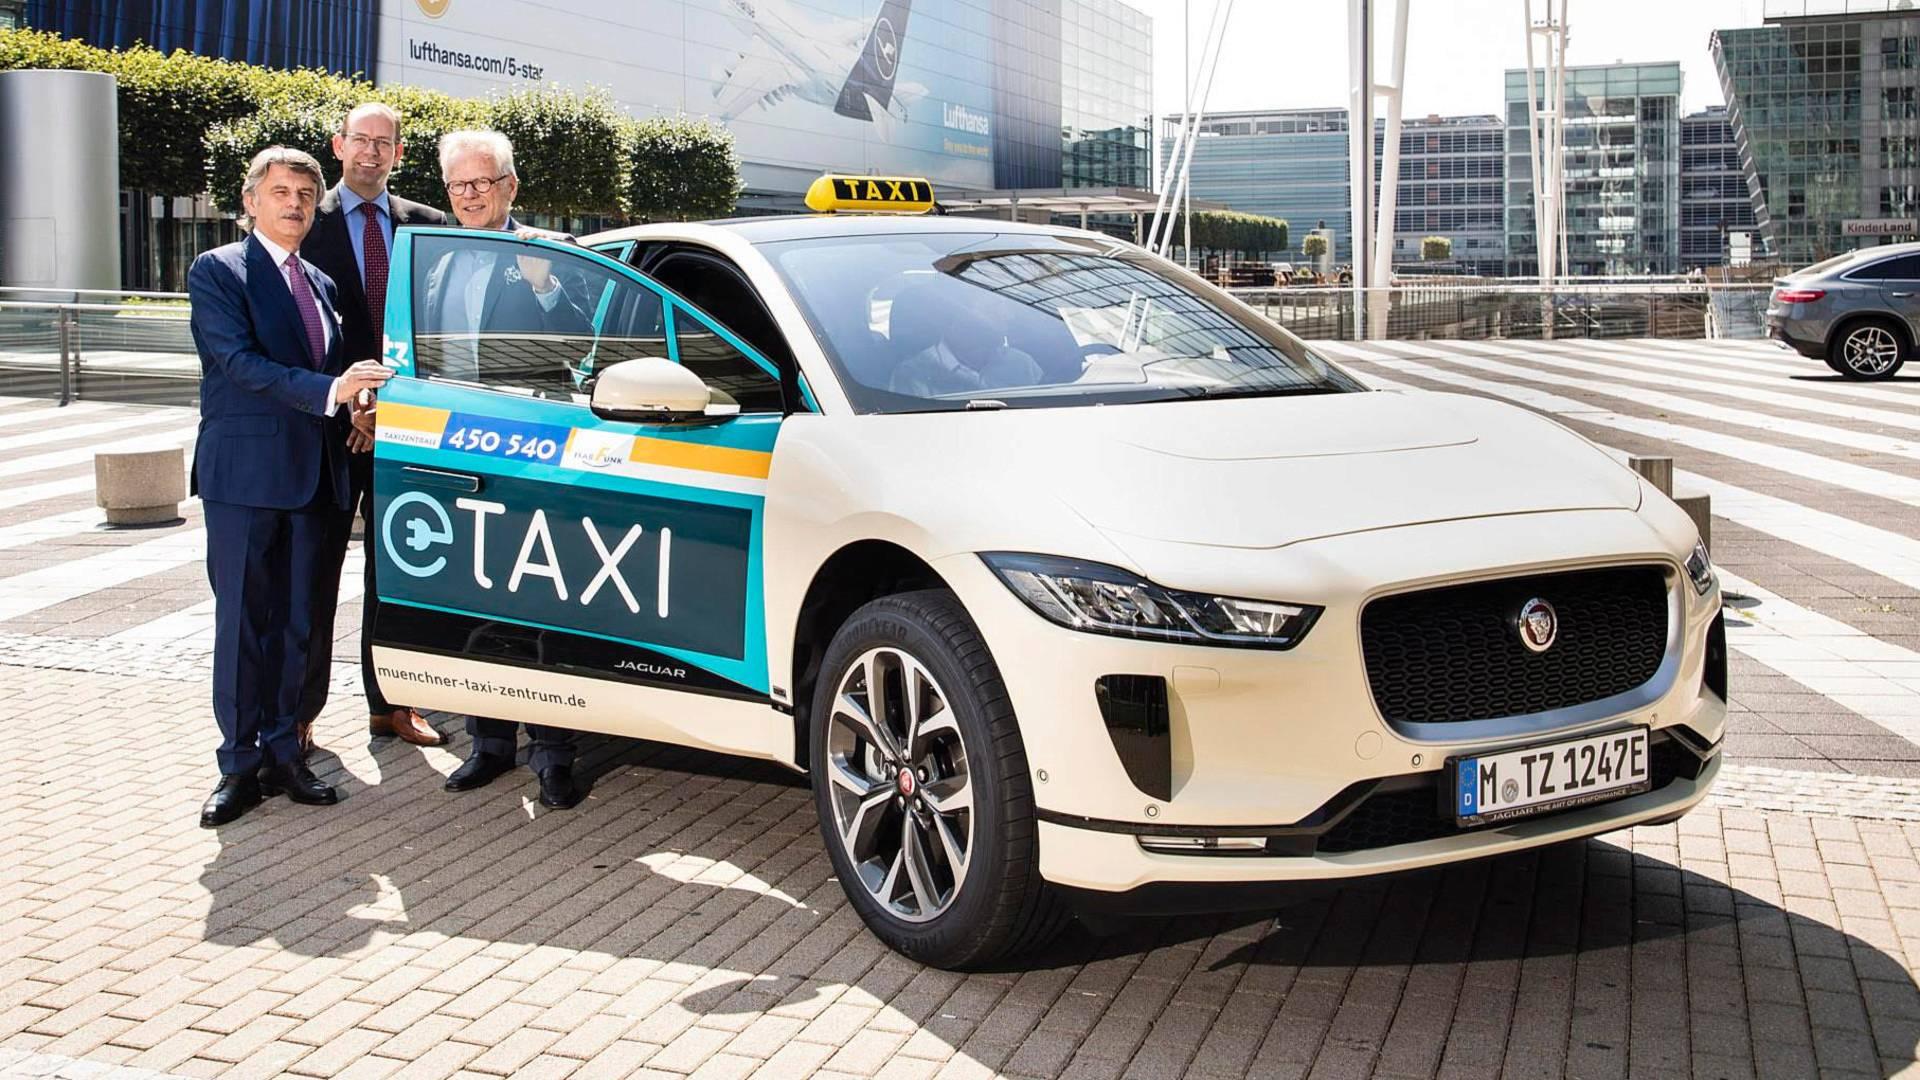 Taxi 5 Deutschland